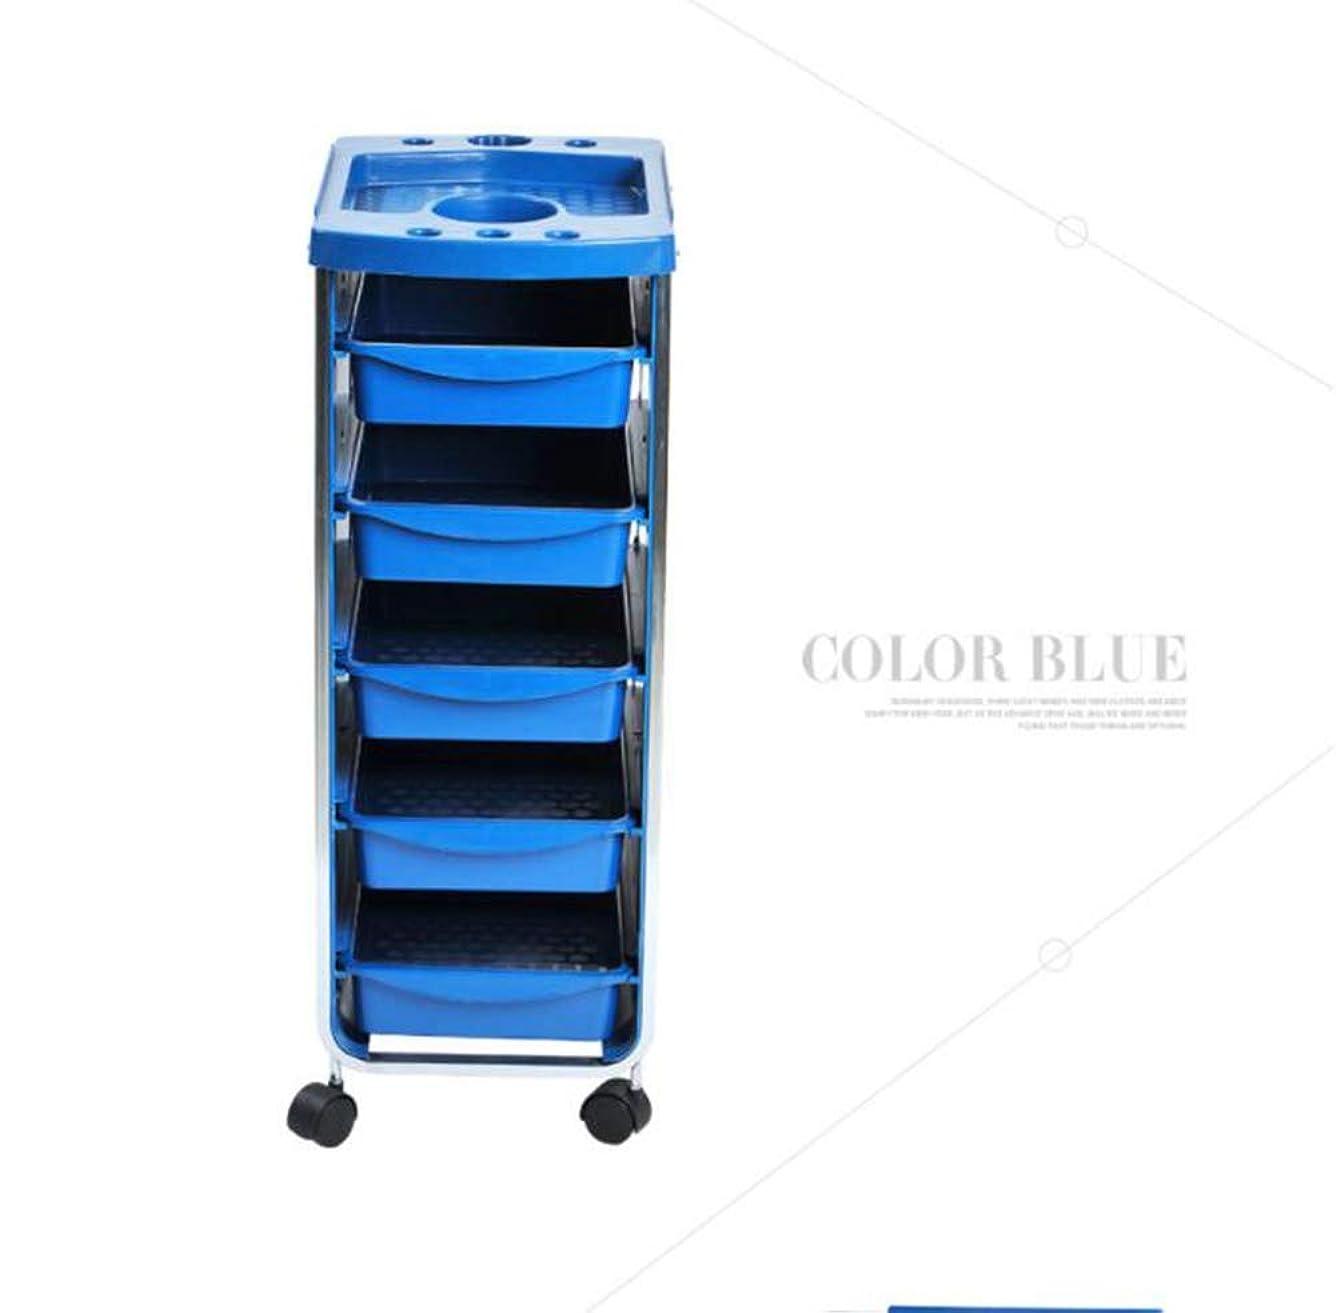 ゲージ尊厳最大のSmilewxサロンスパ美容美容ローリングトロリーカート5引き出しヘアドライヤーサービストレイツールストレージカートブラックブルーレッド,Blue